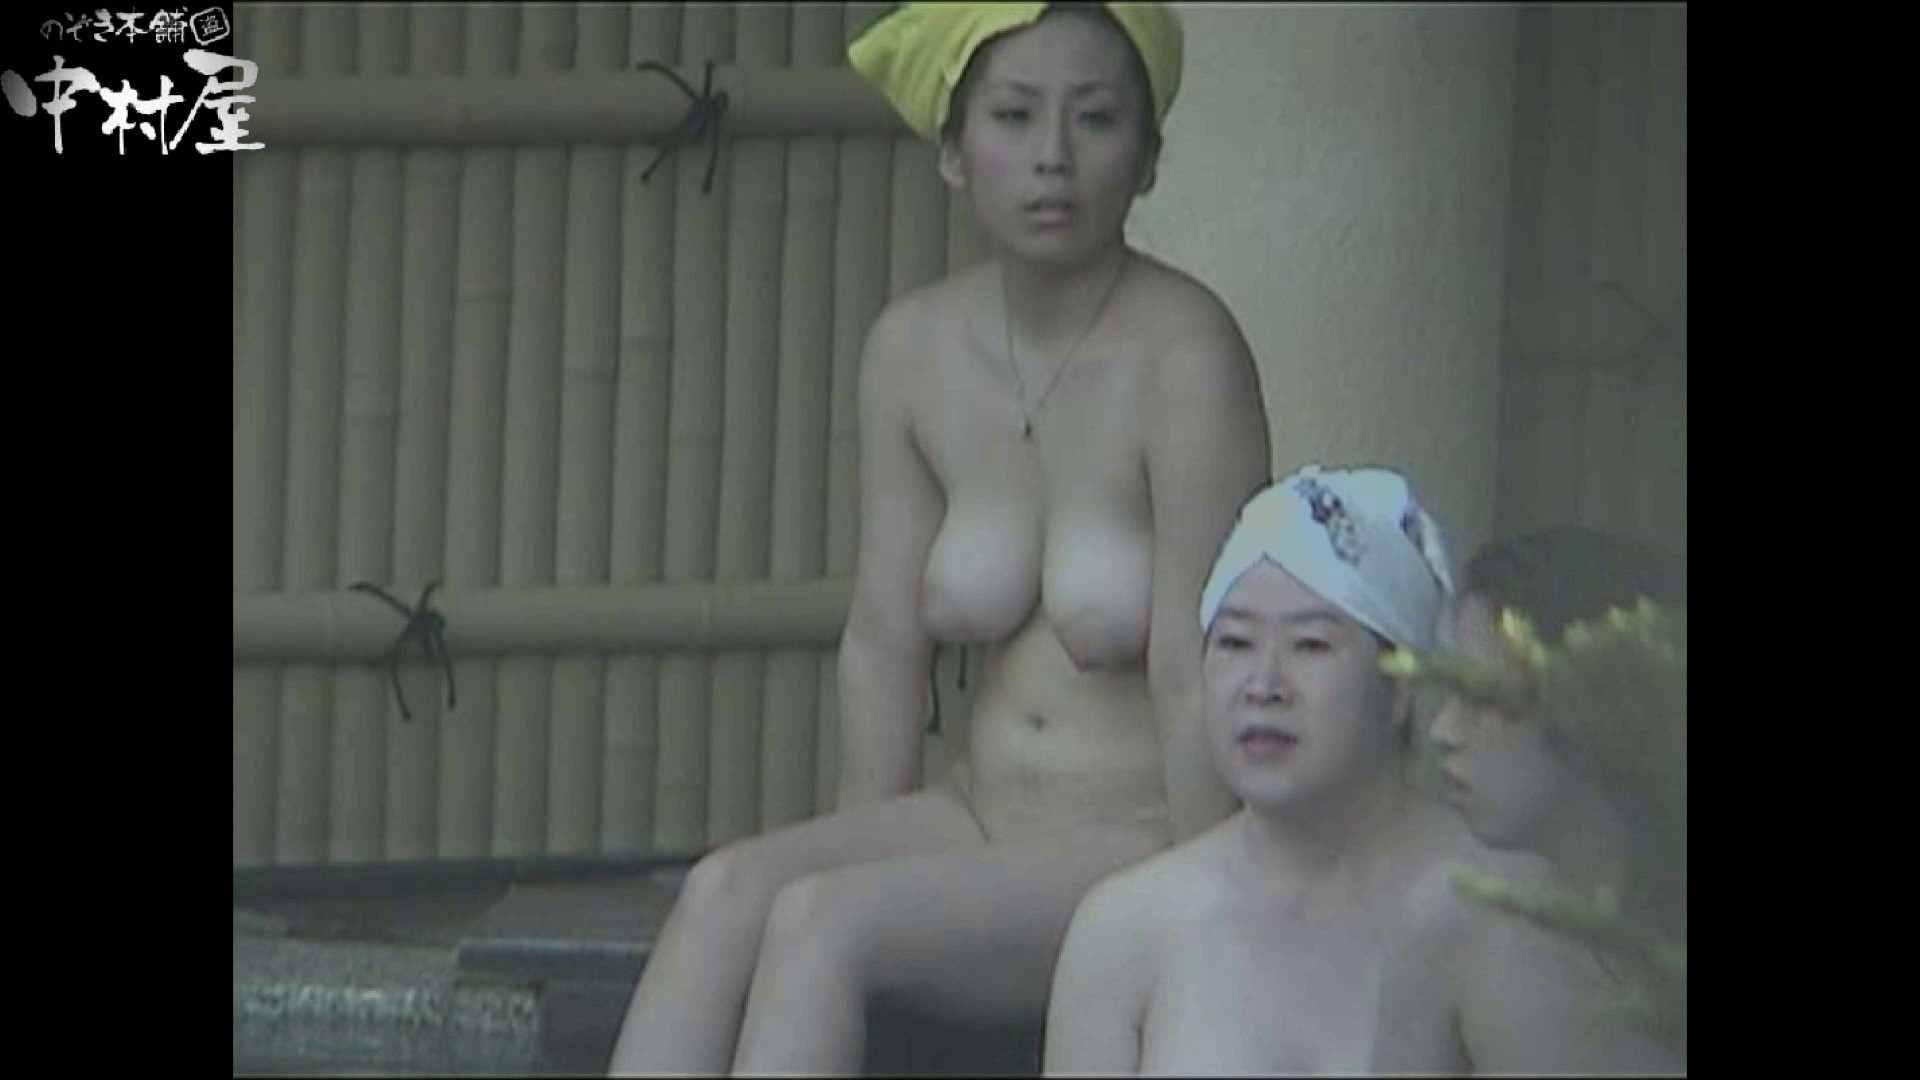 Aquaな露天風呂Vol.902 美しいOLの裸体 盗撮動画紹介 104pic 5